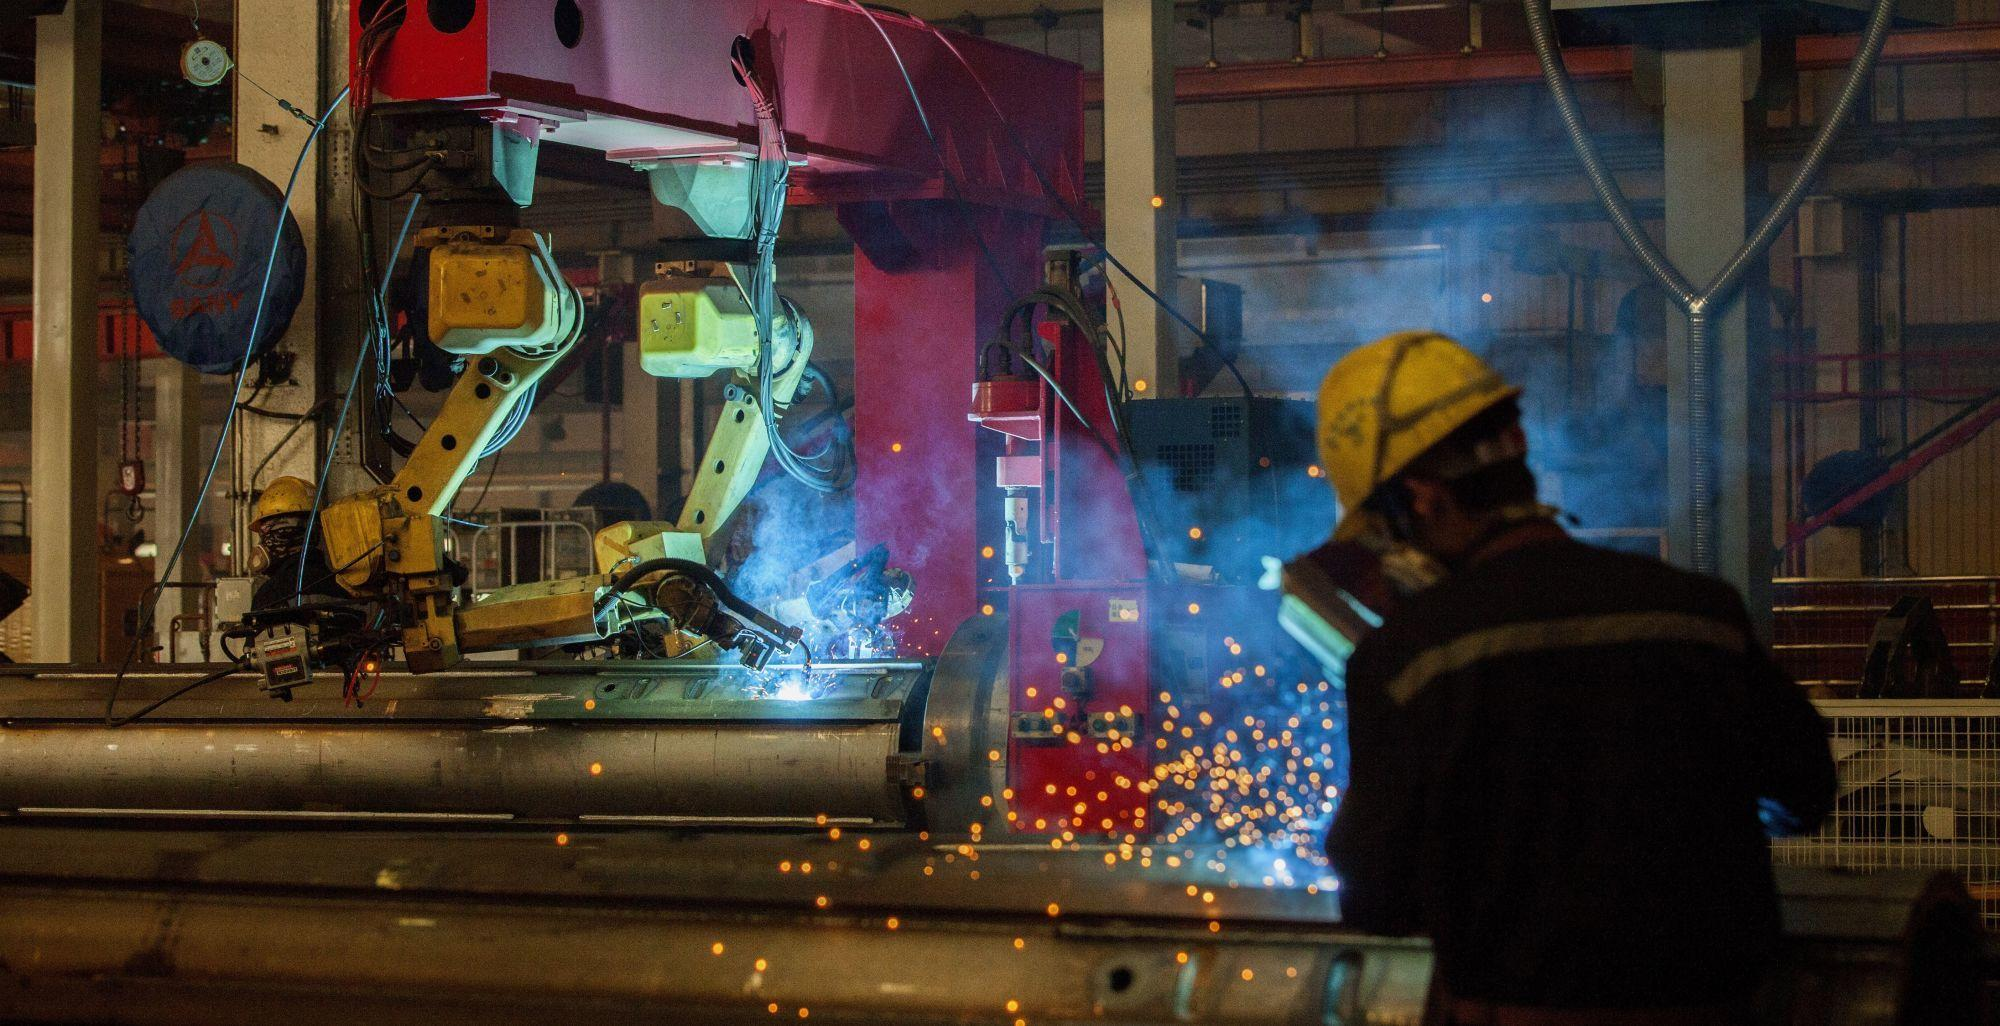 华尔街日报探秘三一工厂:这会是中国工业的未来吗